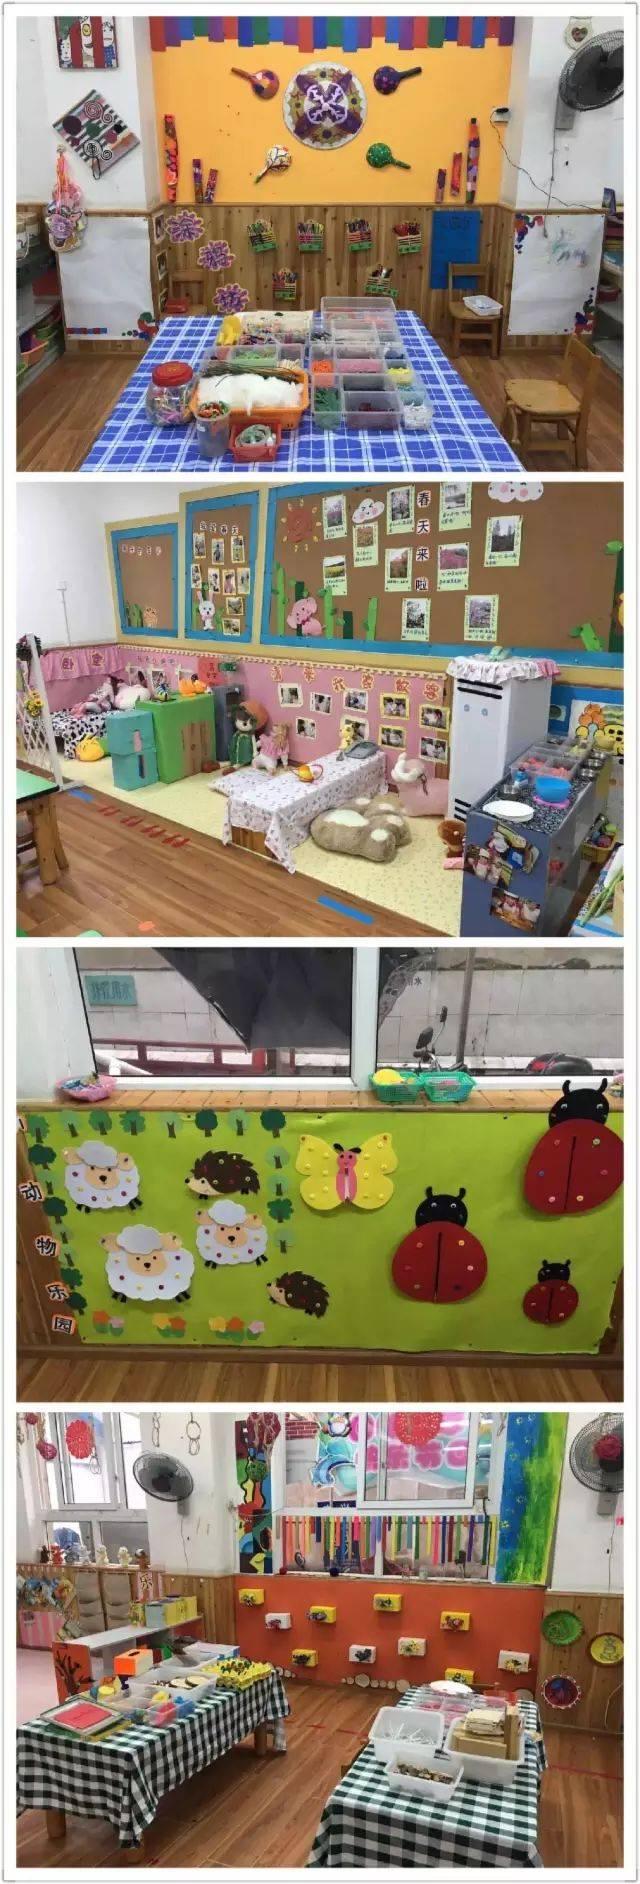 300款幼儿园冬季环创五大区域(楼梯+区角+吊饰+墙饰+主题墙)